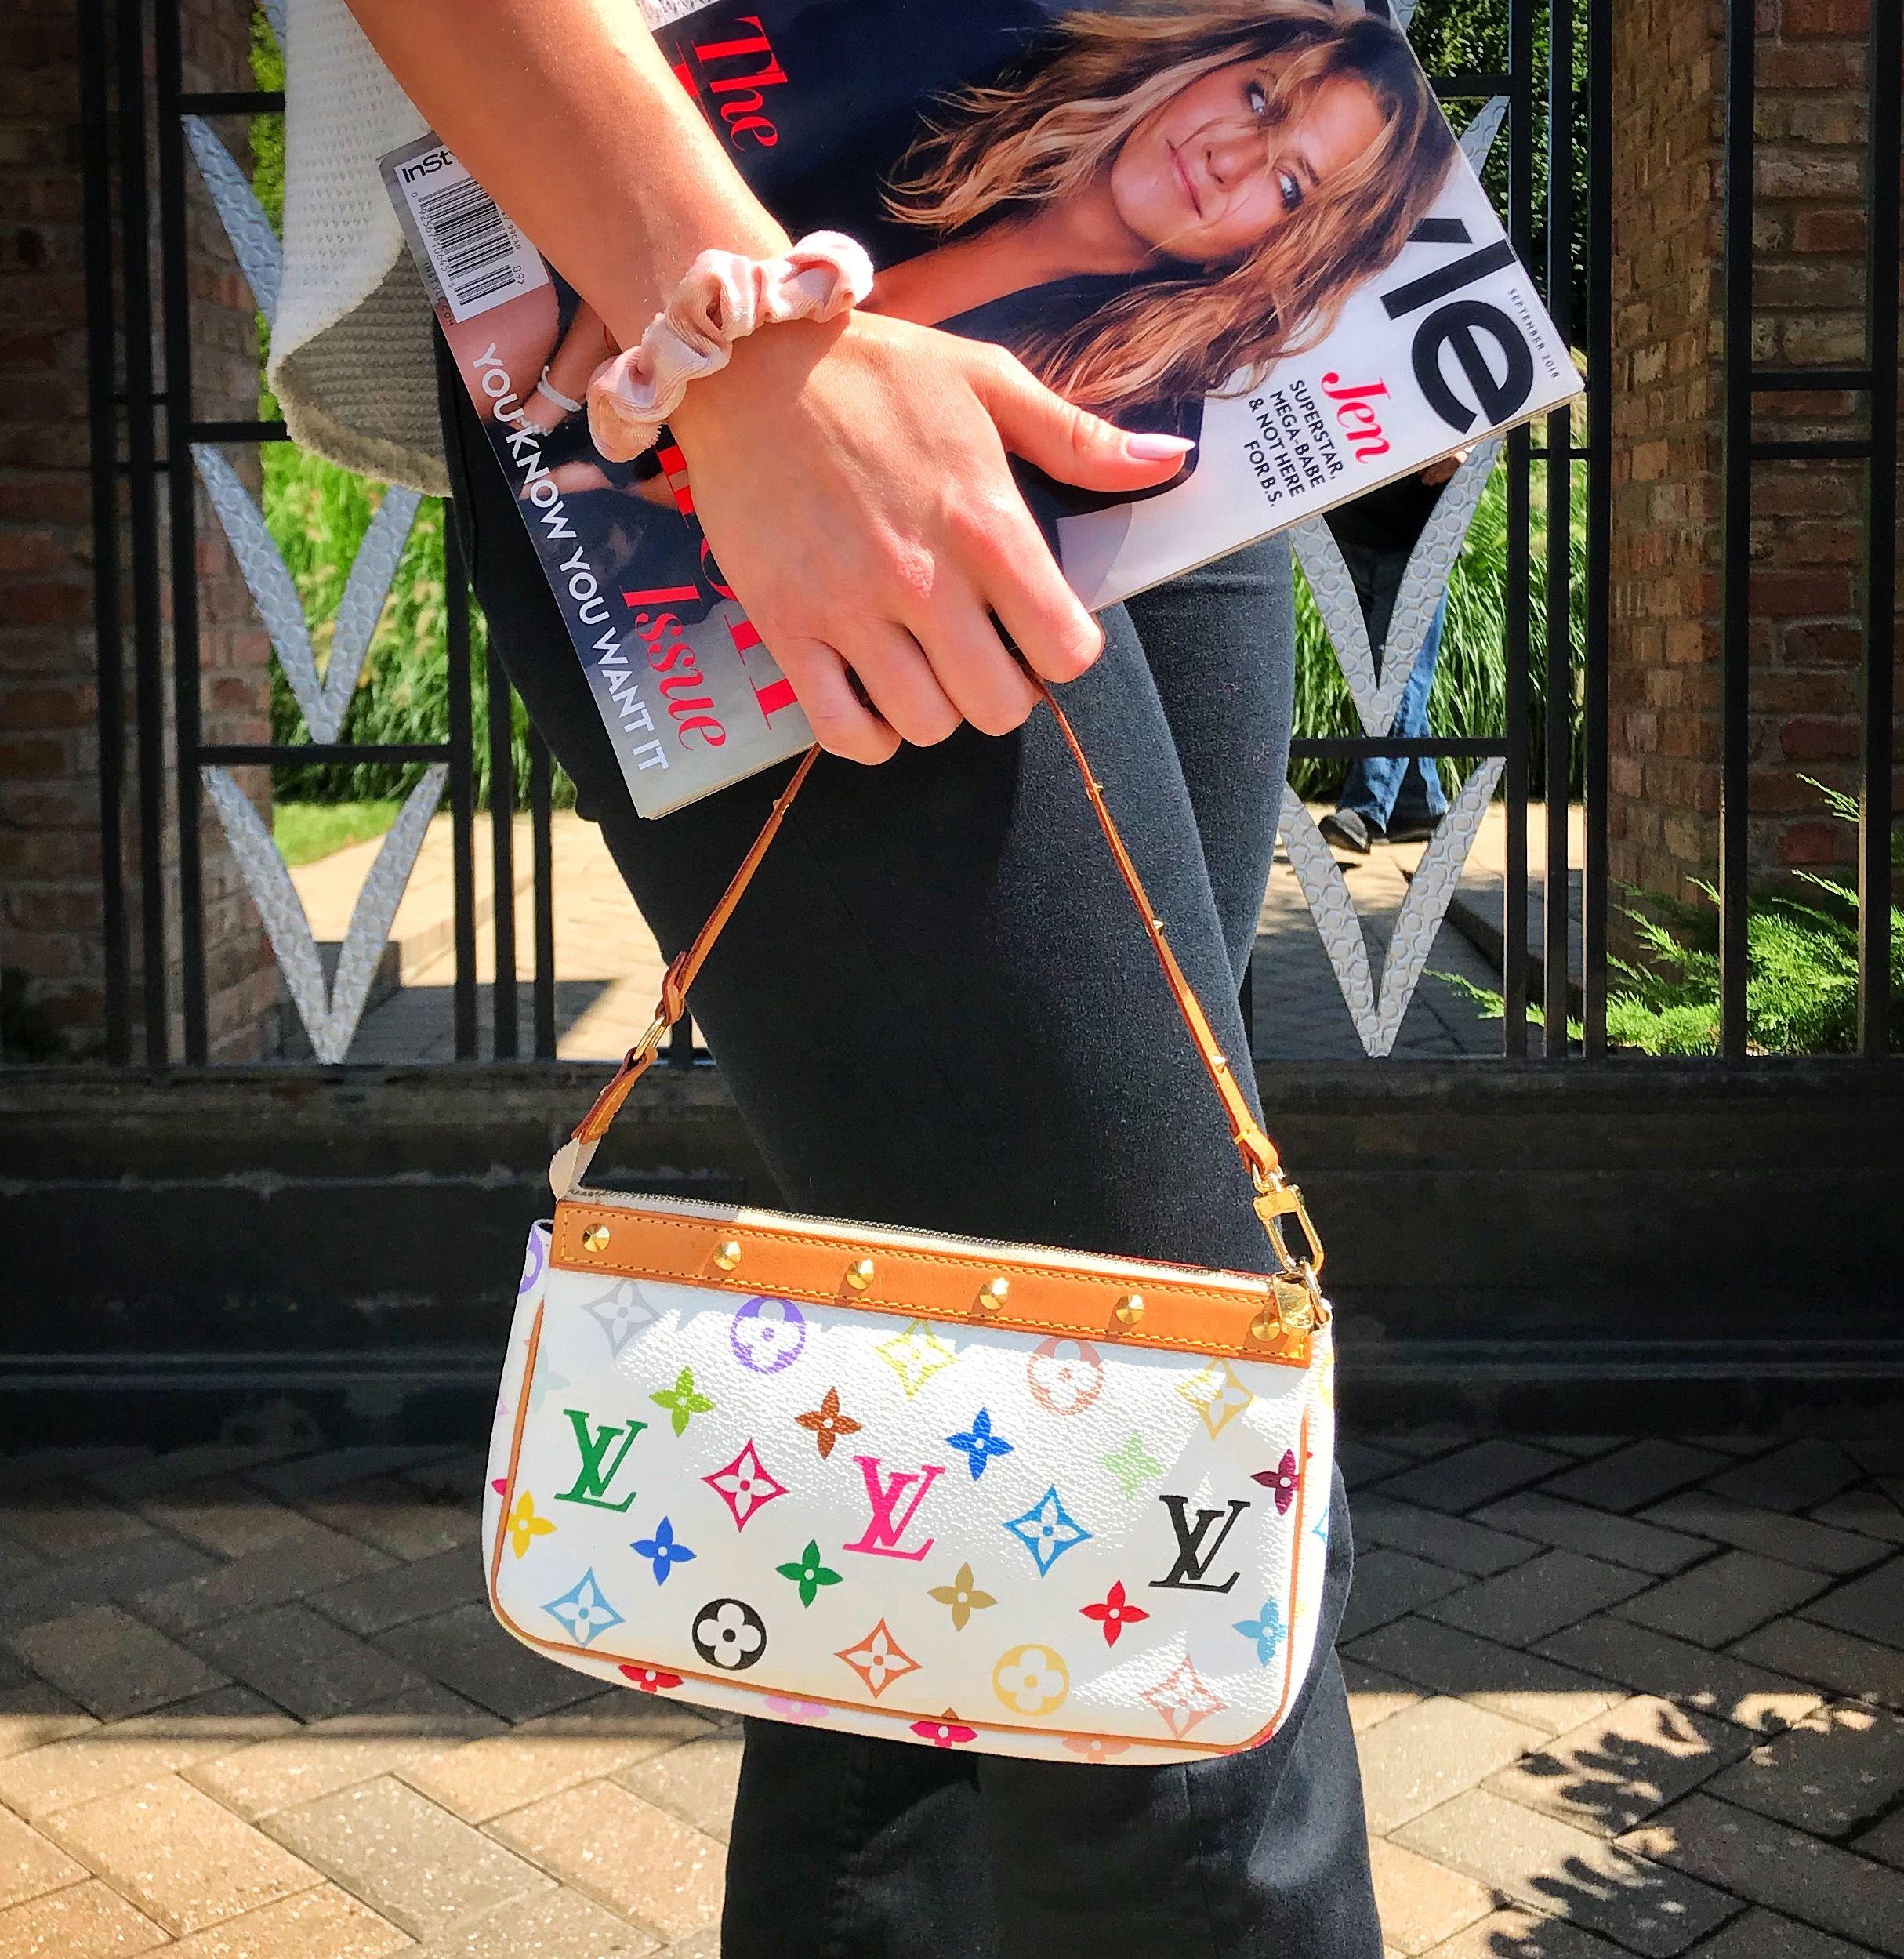 Louis Vuitton Multicolor Monogram Pochette In 2020 Louis Vuitton Multicolor Vintage Louis Vuitton Handbags Louis Vuitton Handbags